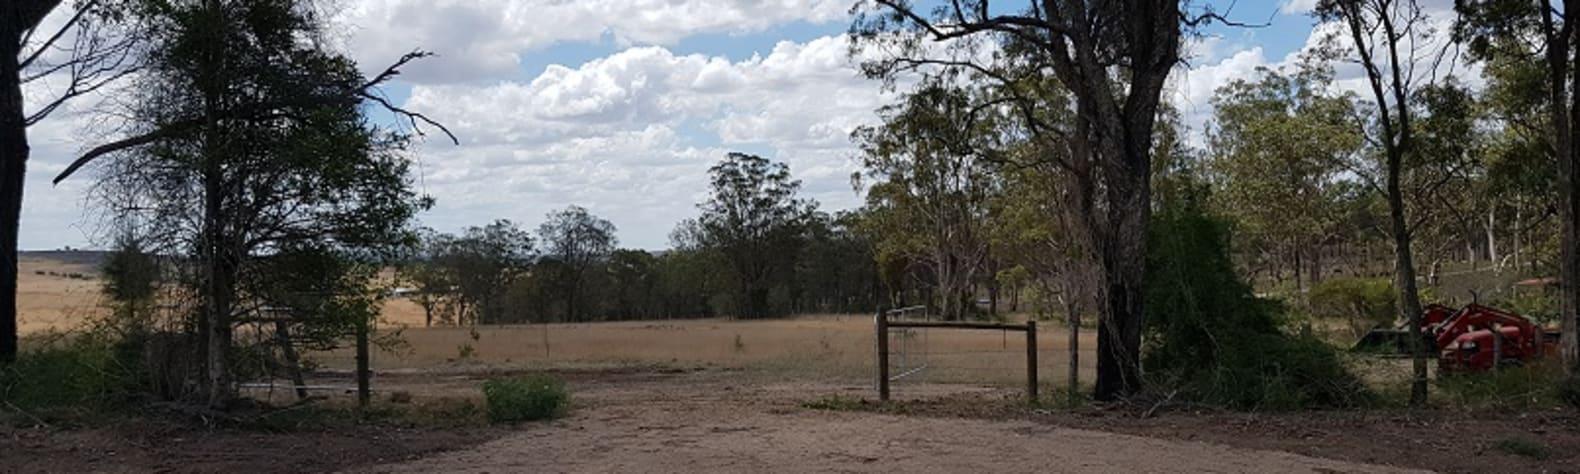 Owen S.'s Land